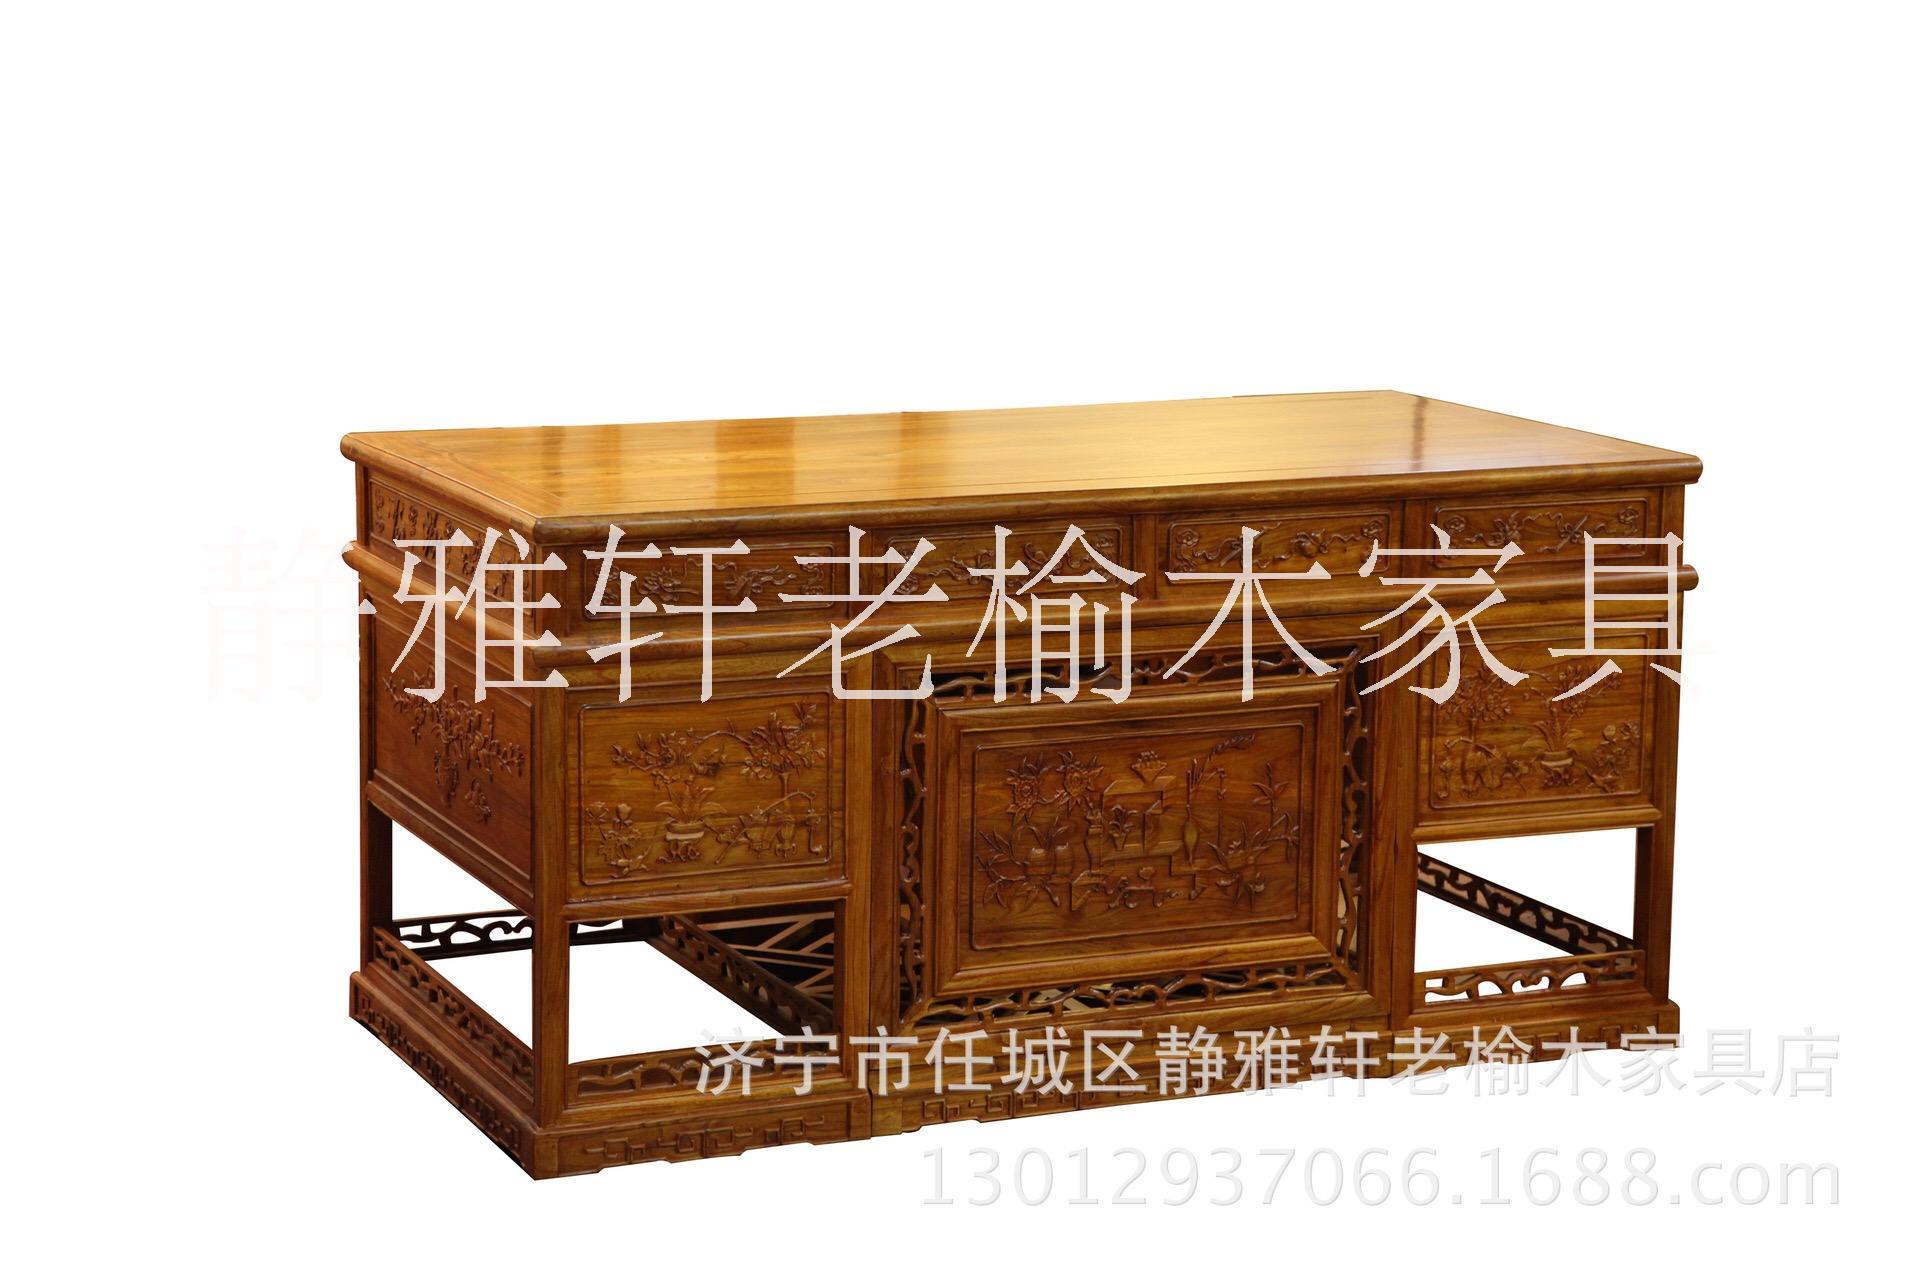 老榆木中式雕花实木书桌价格